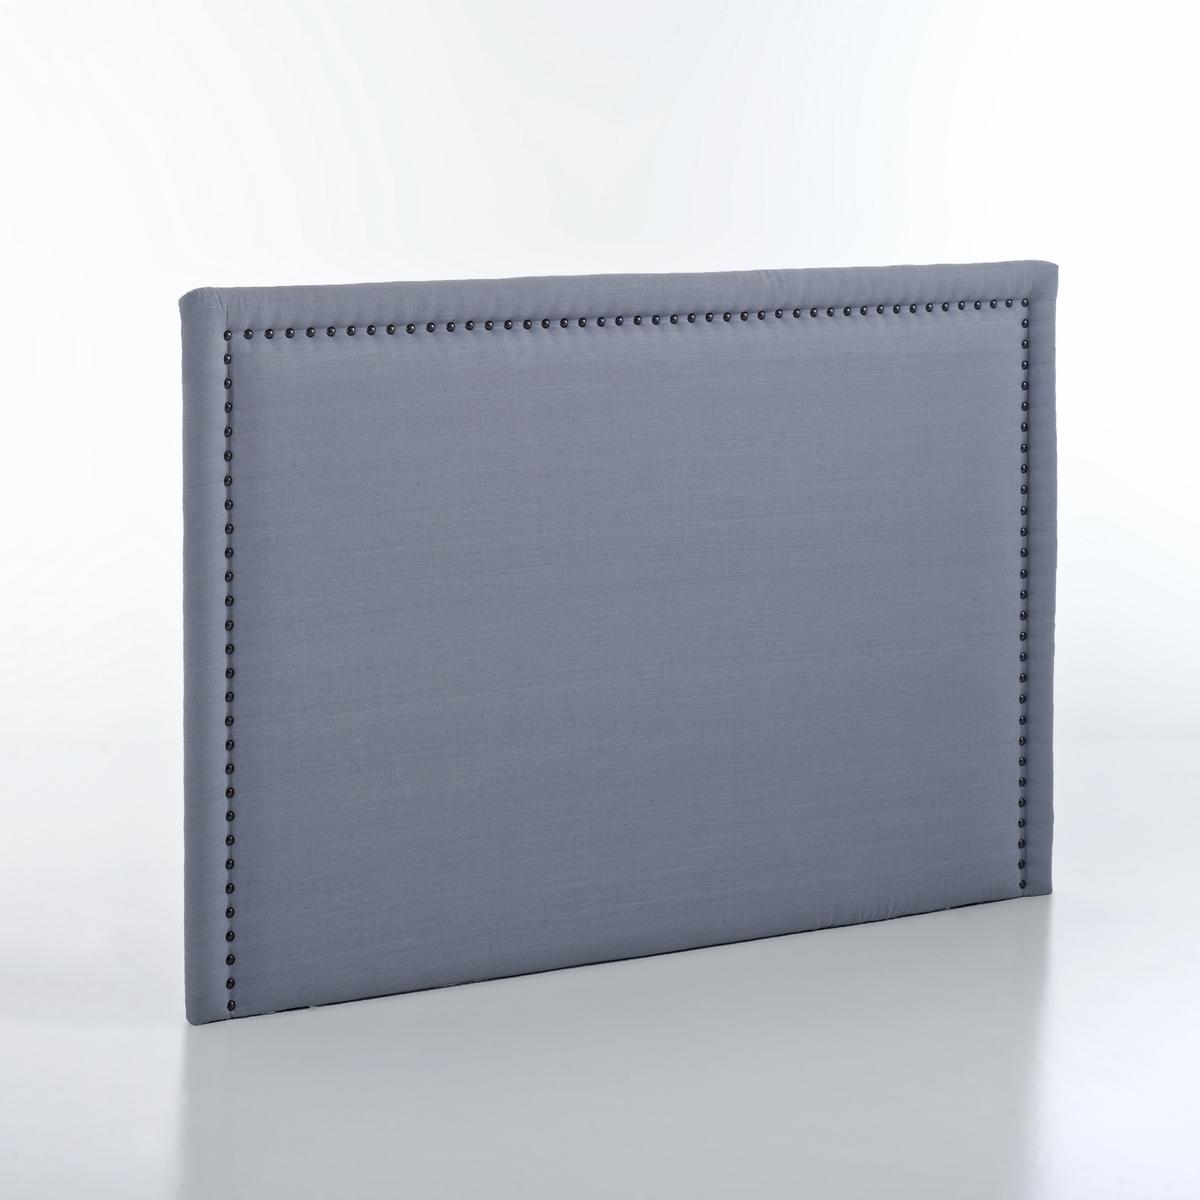 Изголовье LaRedoute Кровати из осветленного льна В115 см Yliana 140 см серый кровати 180 см